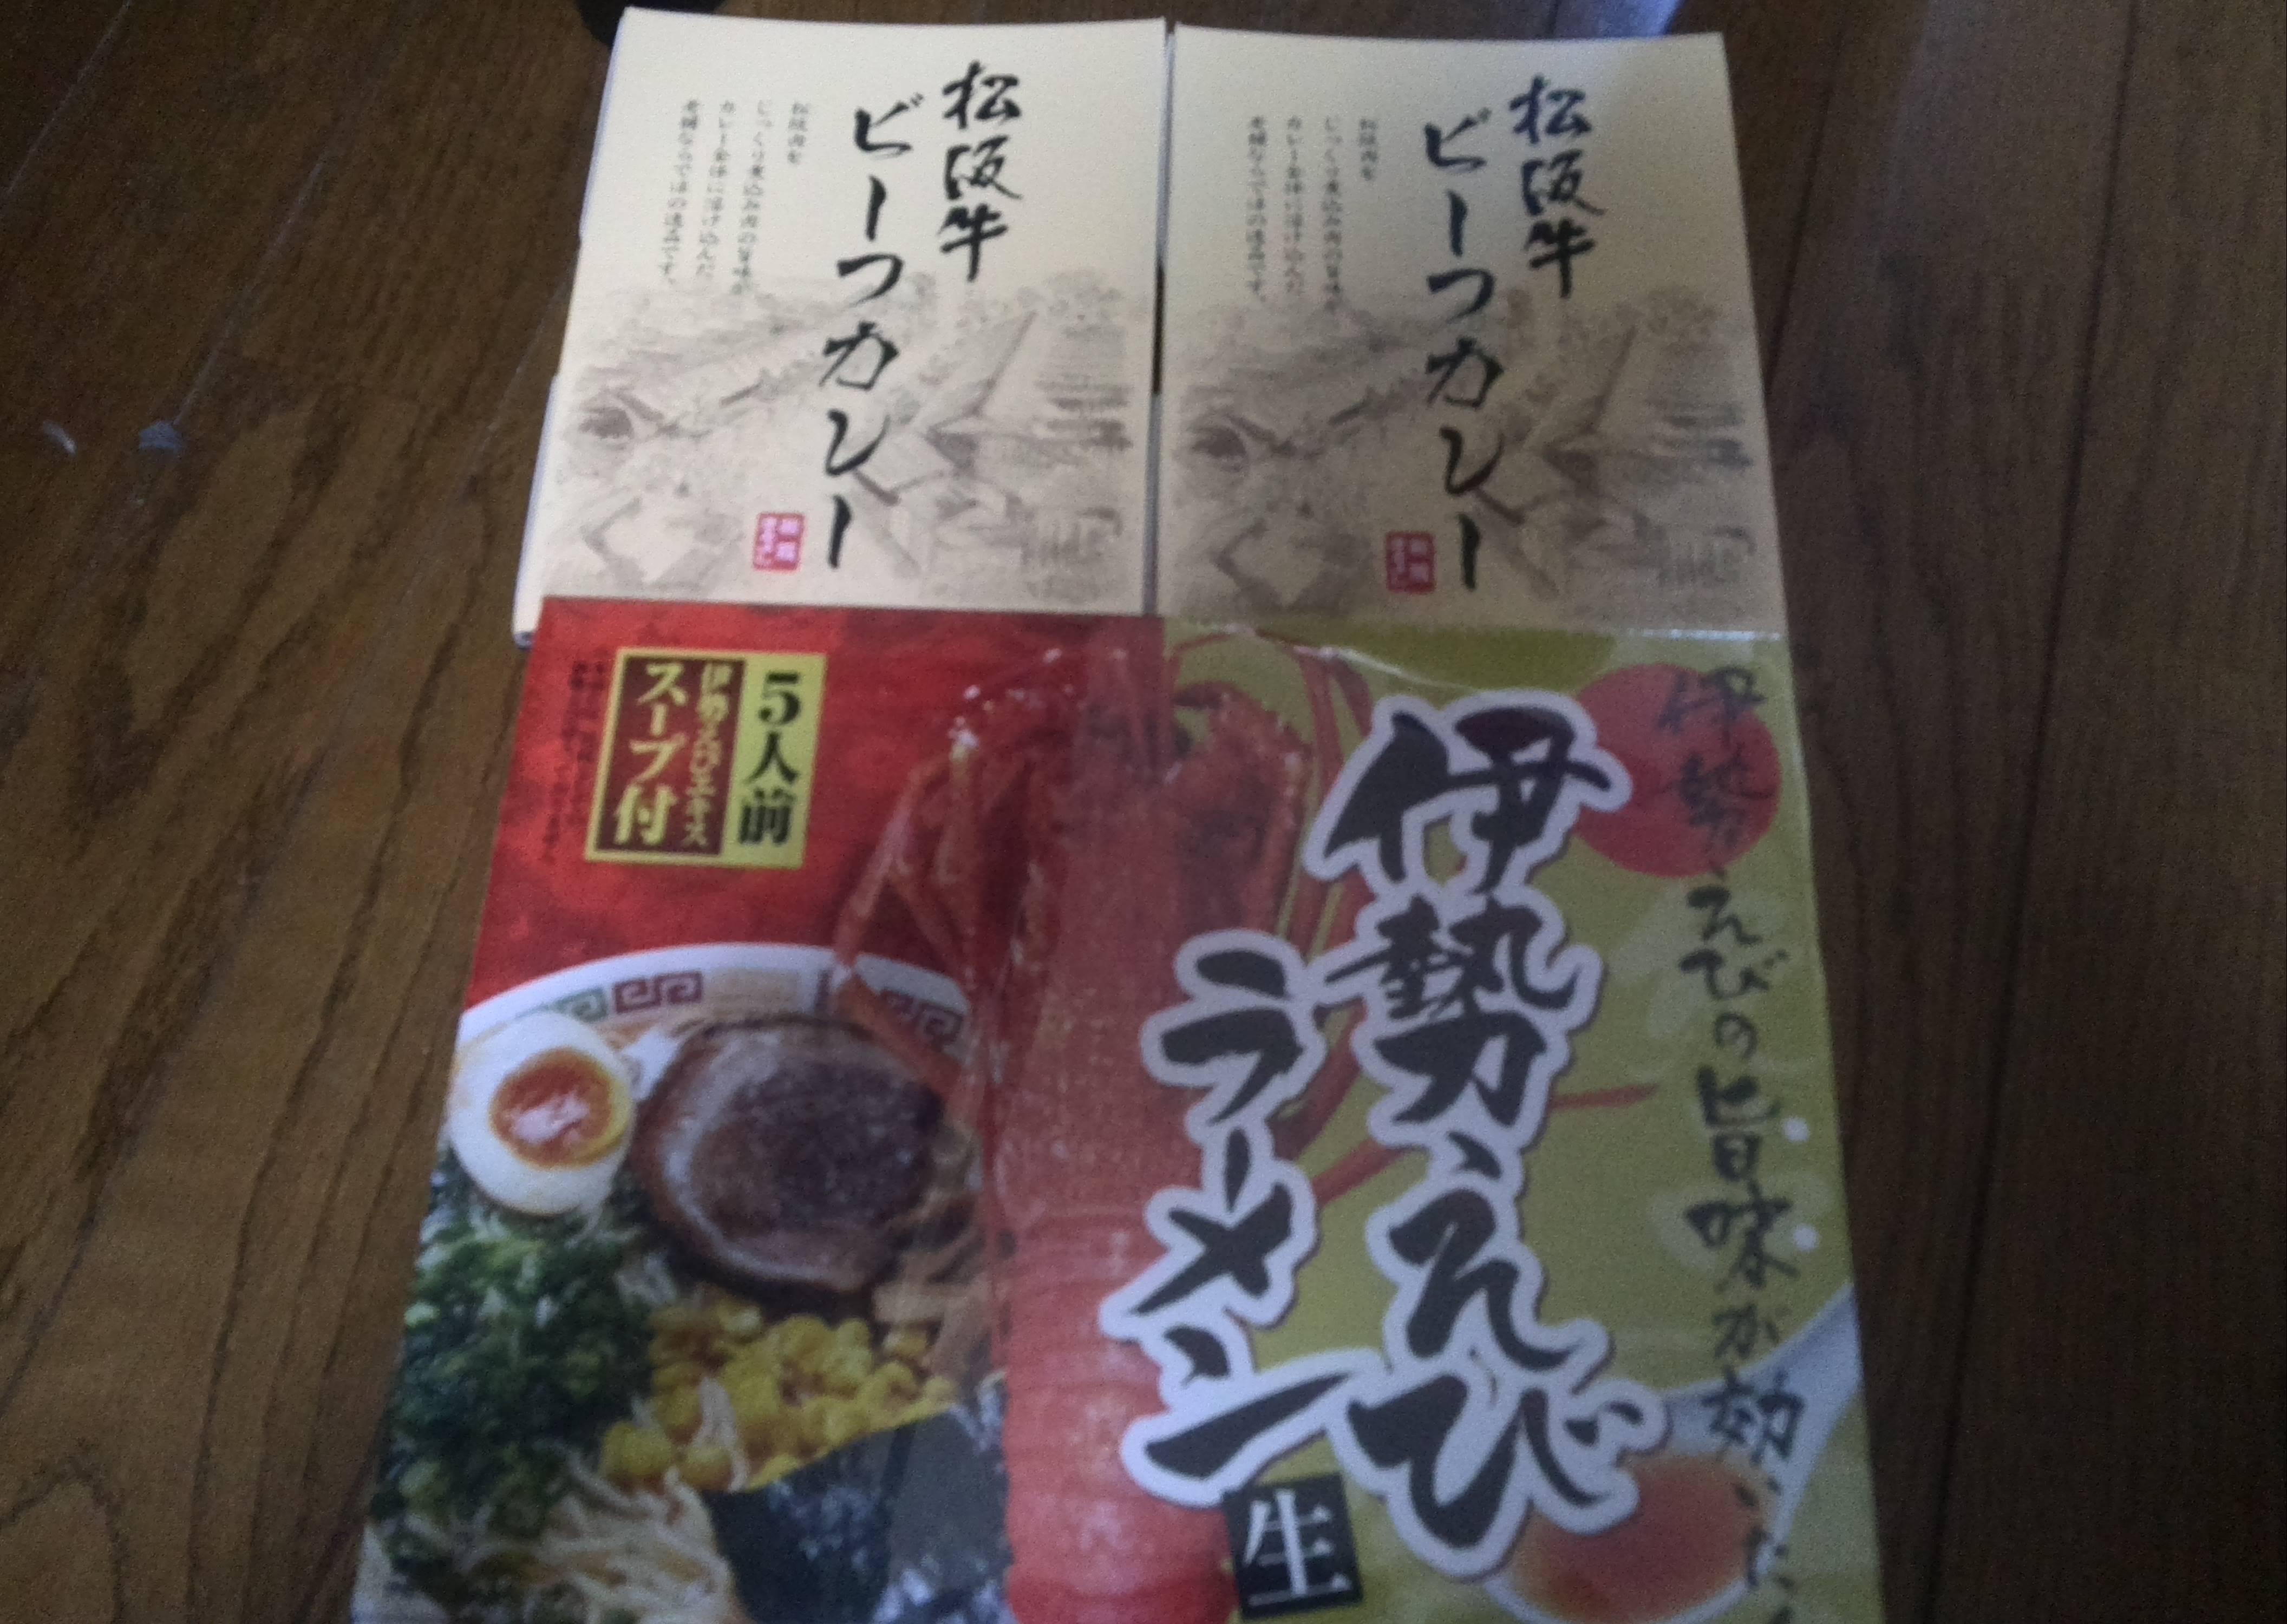 松阪牛ビーフカレー 伊勢えびラーメン